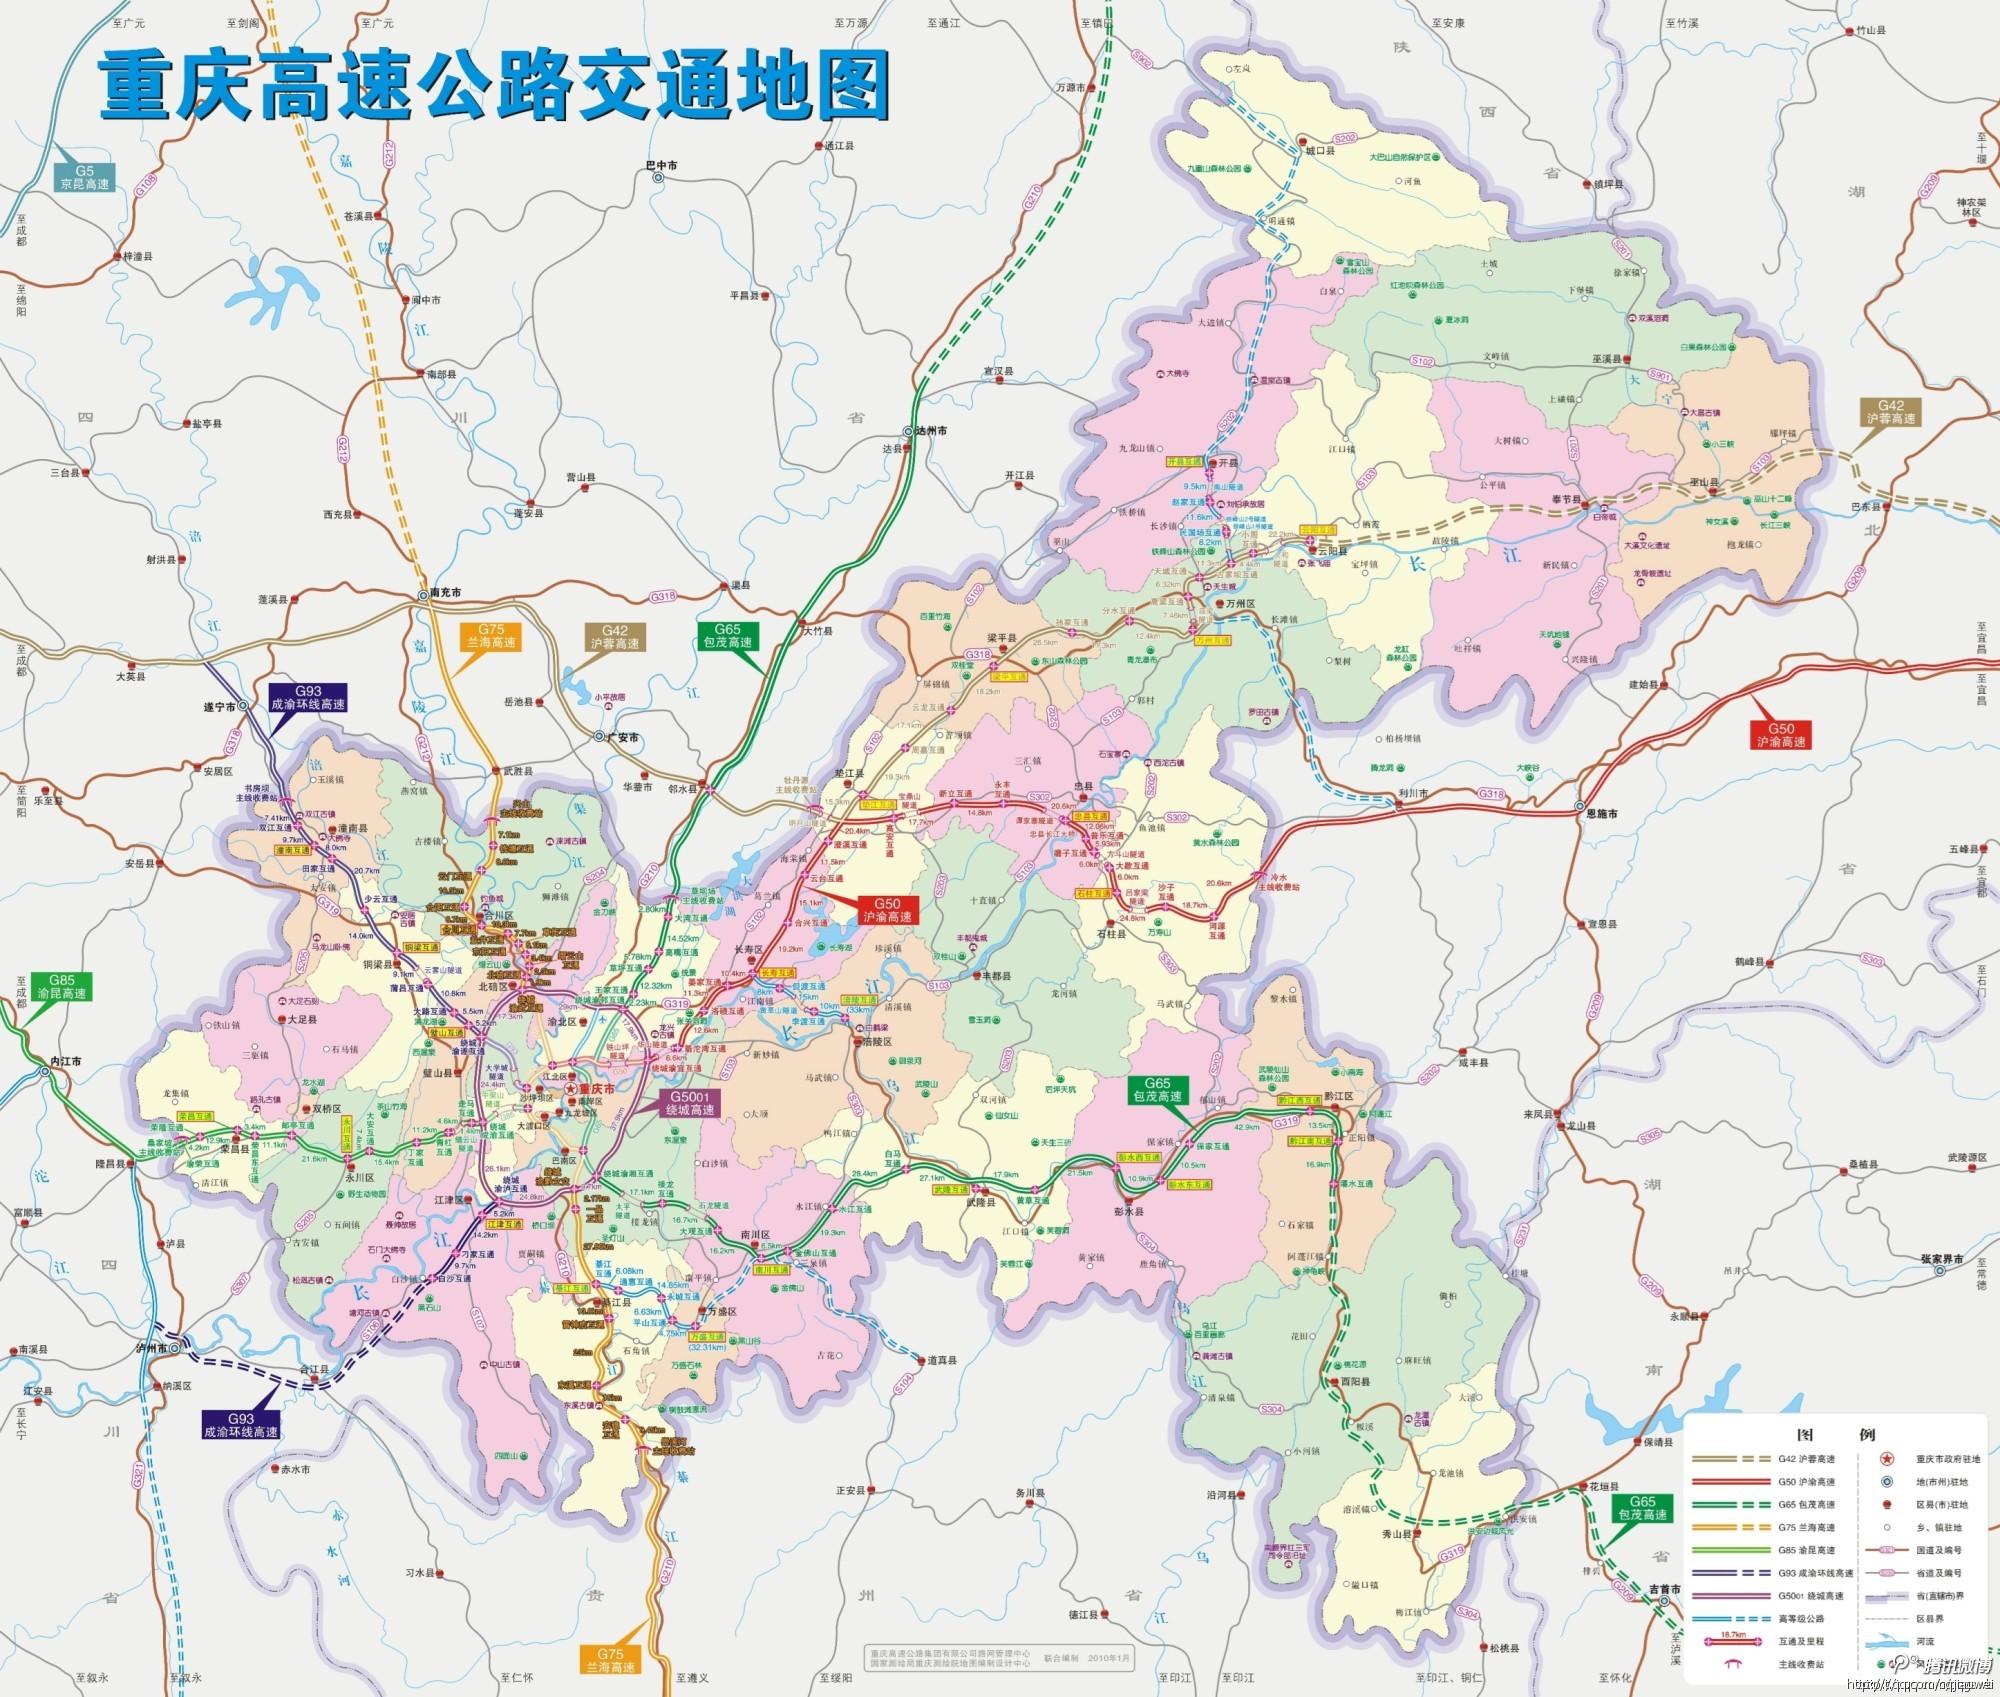 (组图)_新浪房产_新浪网 重庆市 矢量地图2013|平面|其他平面|zty56